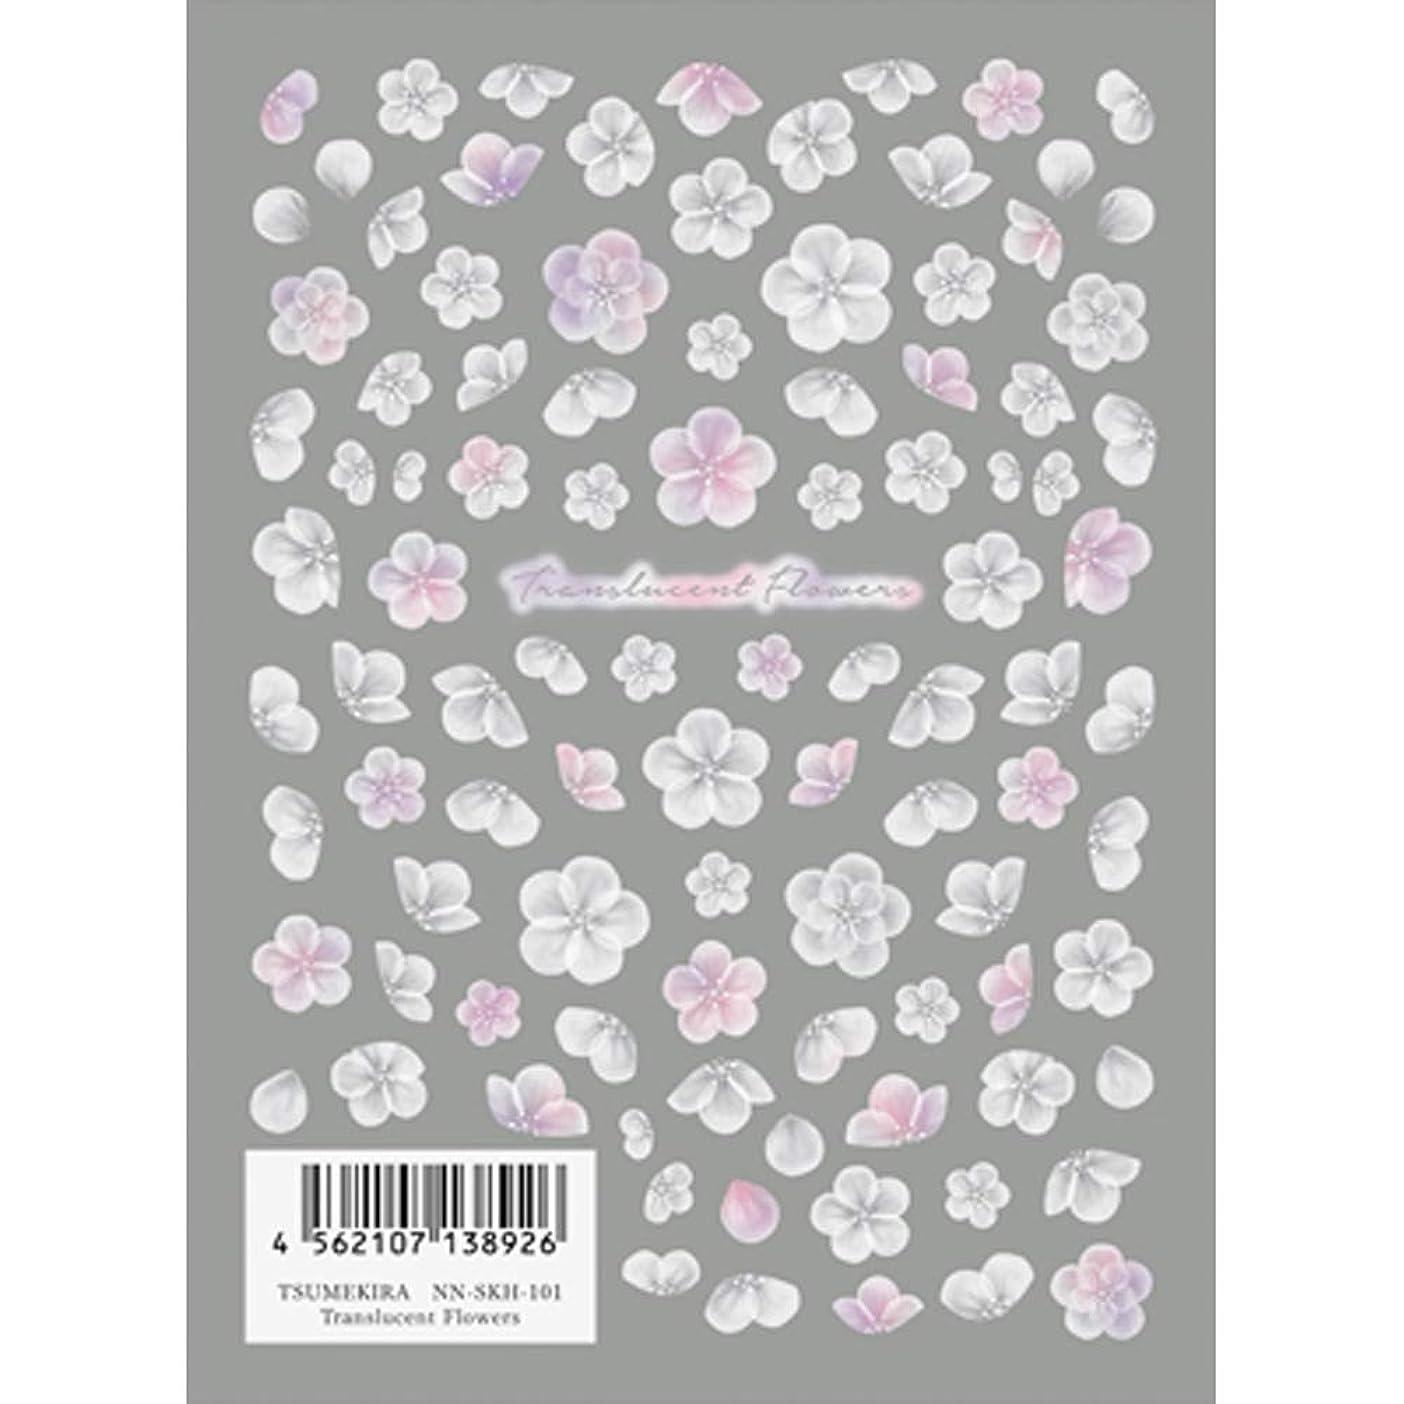 製造業藤色ロゴツメキラ(TSUMEKIRA) ネイル用シール Translucent Flowers NN-SKH-101